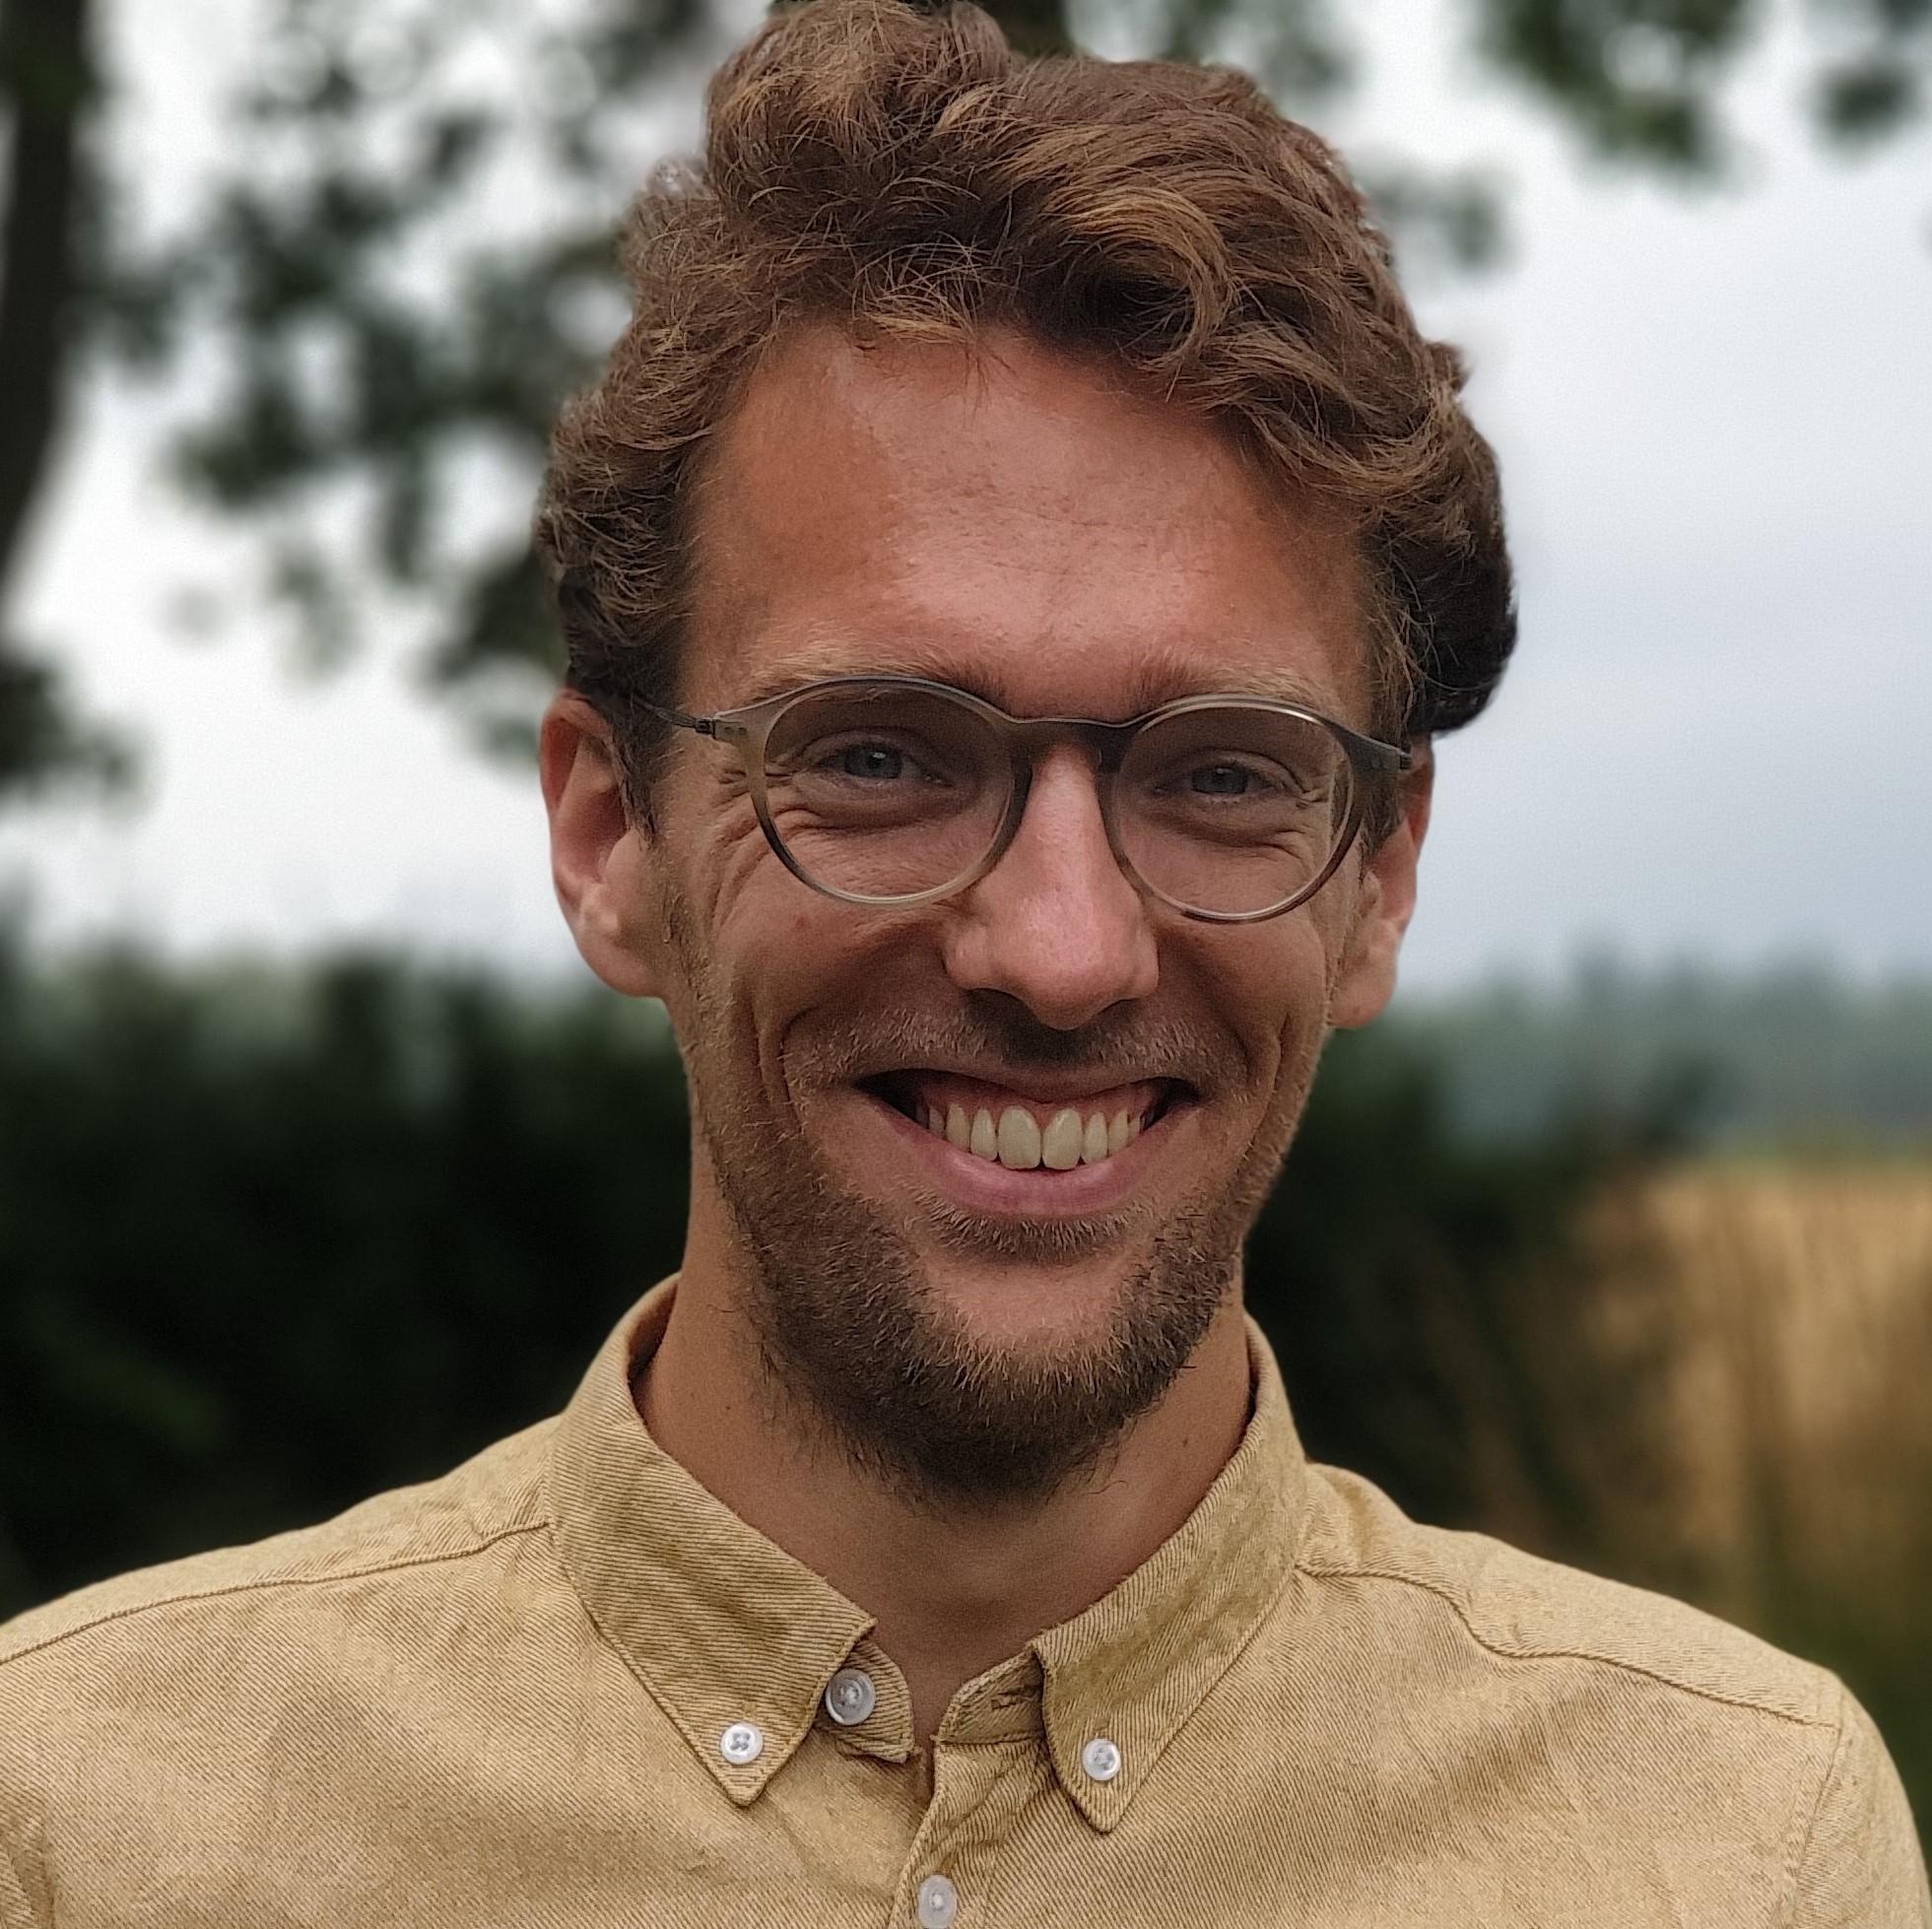 The photo of Martijn Nagtegaal